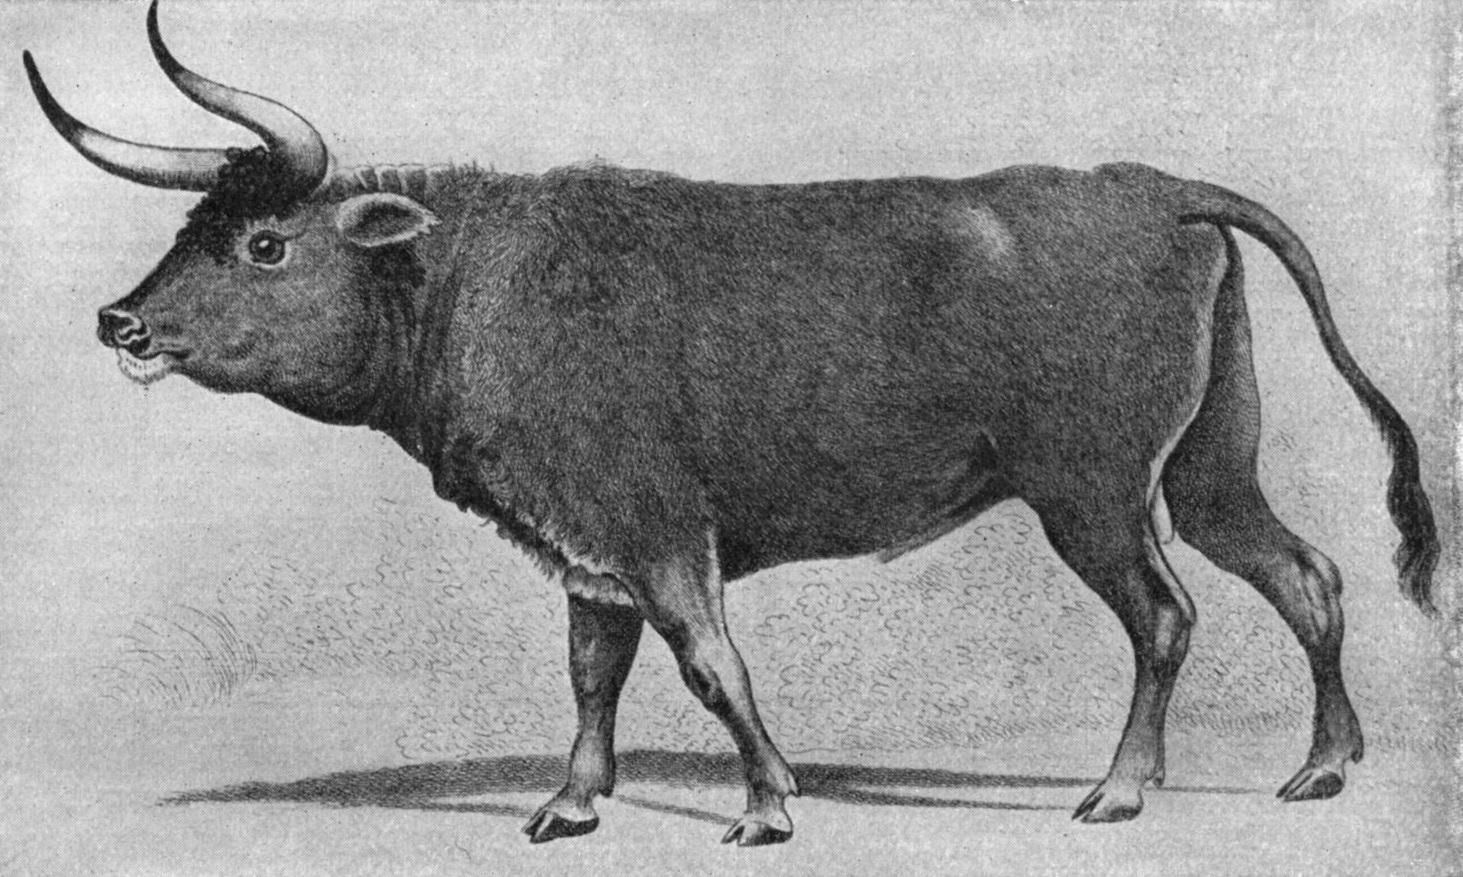 上图:16世纪的原牛(Aurochs)画像。原牛是一种已灭绝的野牛,是古代西亚和欧洲的重要猎物,最后一只于1627年在波兰灭绝。英文KJV译本根据七十士译本和武加大拉丁译本,把「Rĕ'em/רְאֵם」(民二十三22)译为「独角兽 Unicorn」。19世纪瑞士动物学家Johann Ulrich Duerst根据阿卡德楔形文字中的同源字「Rimu」,辨别出「Rĕ'em/רְאֵם」就是原牛,现在被普遍接受,所以现代译本一般译为「野牛」。